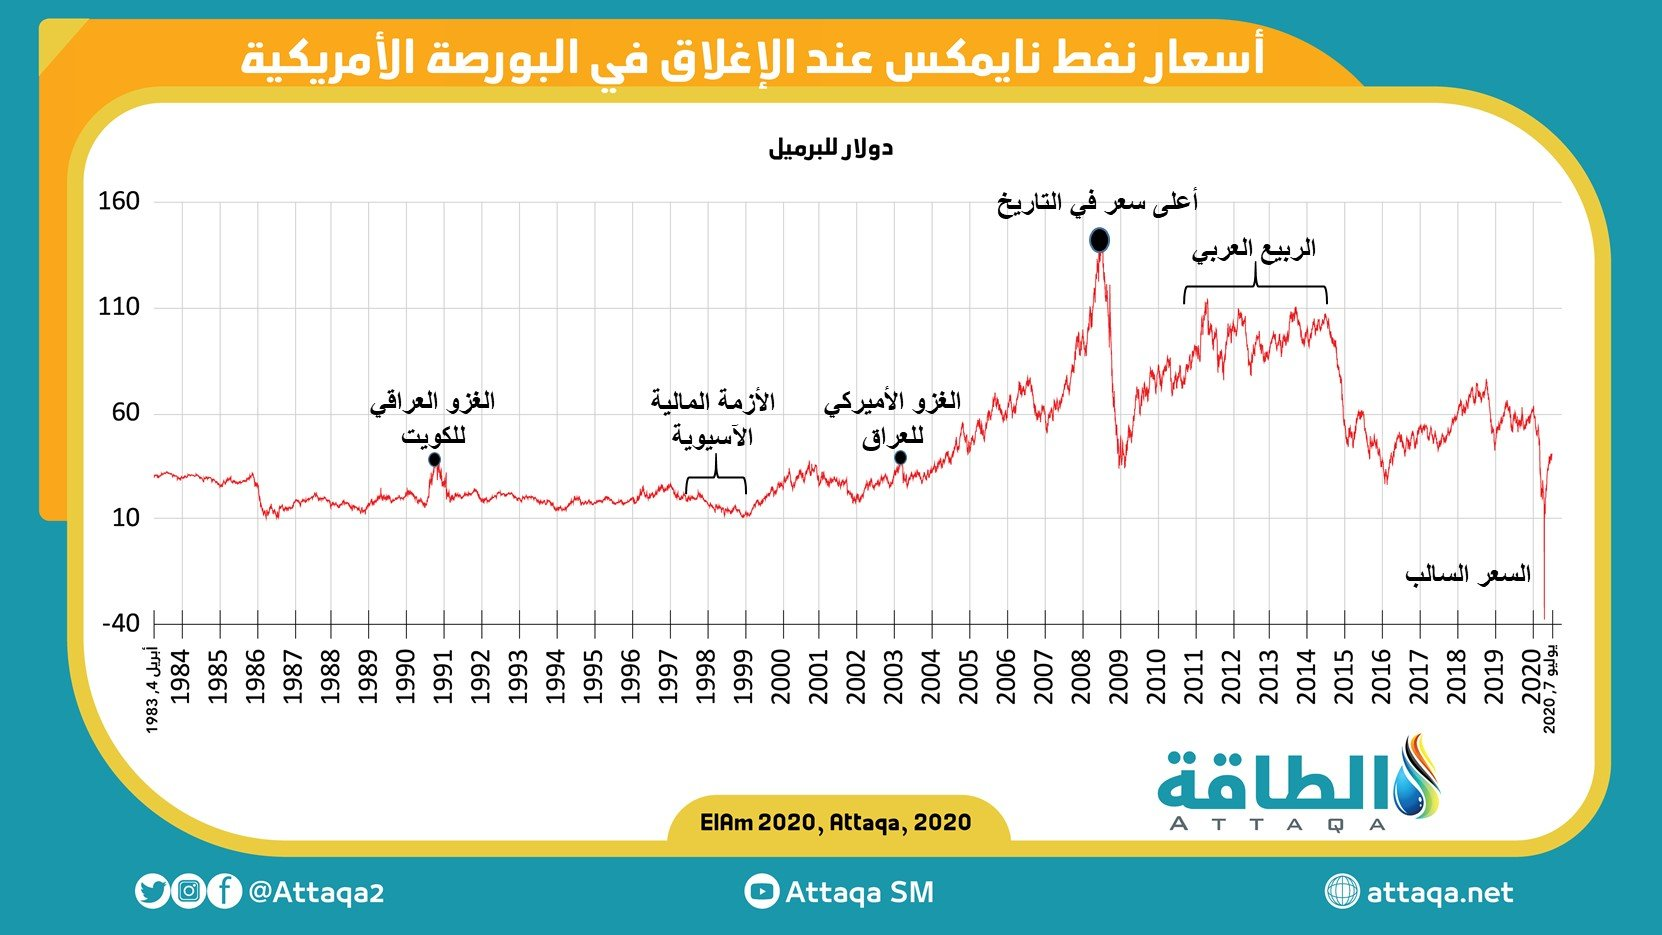 أعلى سعر نفط في التاريخ